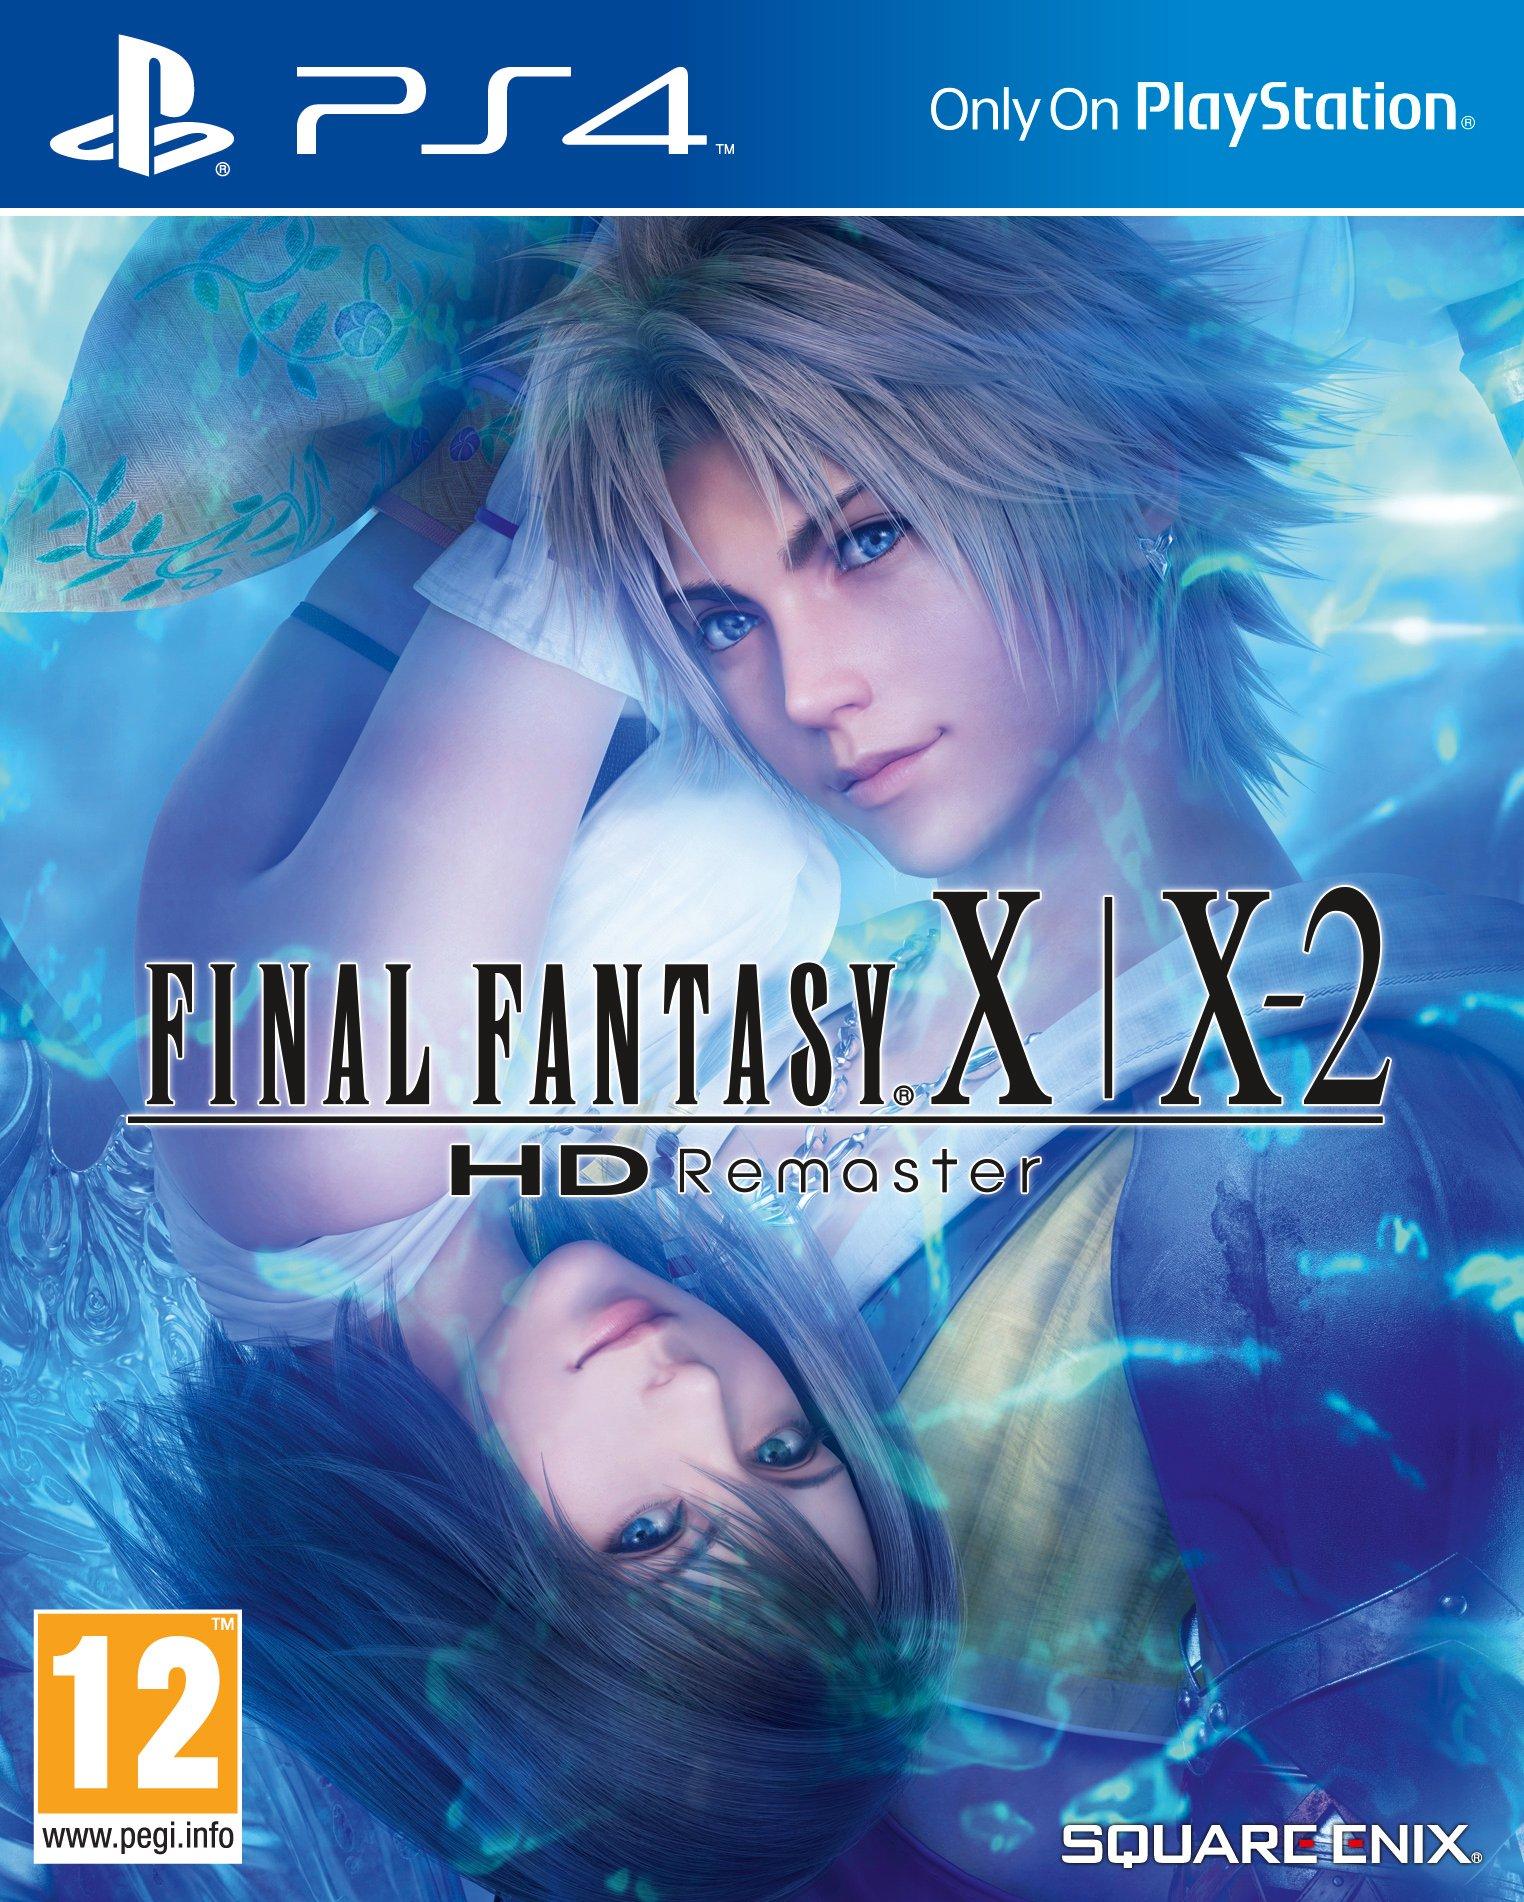 FinalFantasyX-X-2HDRemaster PS4 Jaquette 001